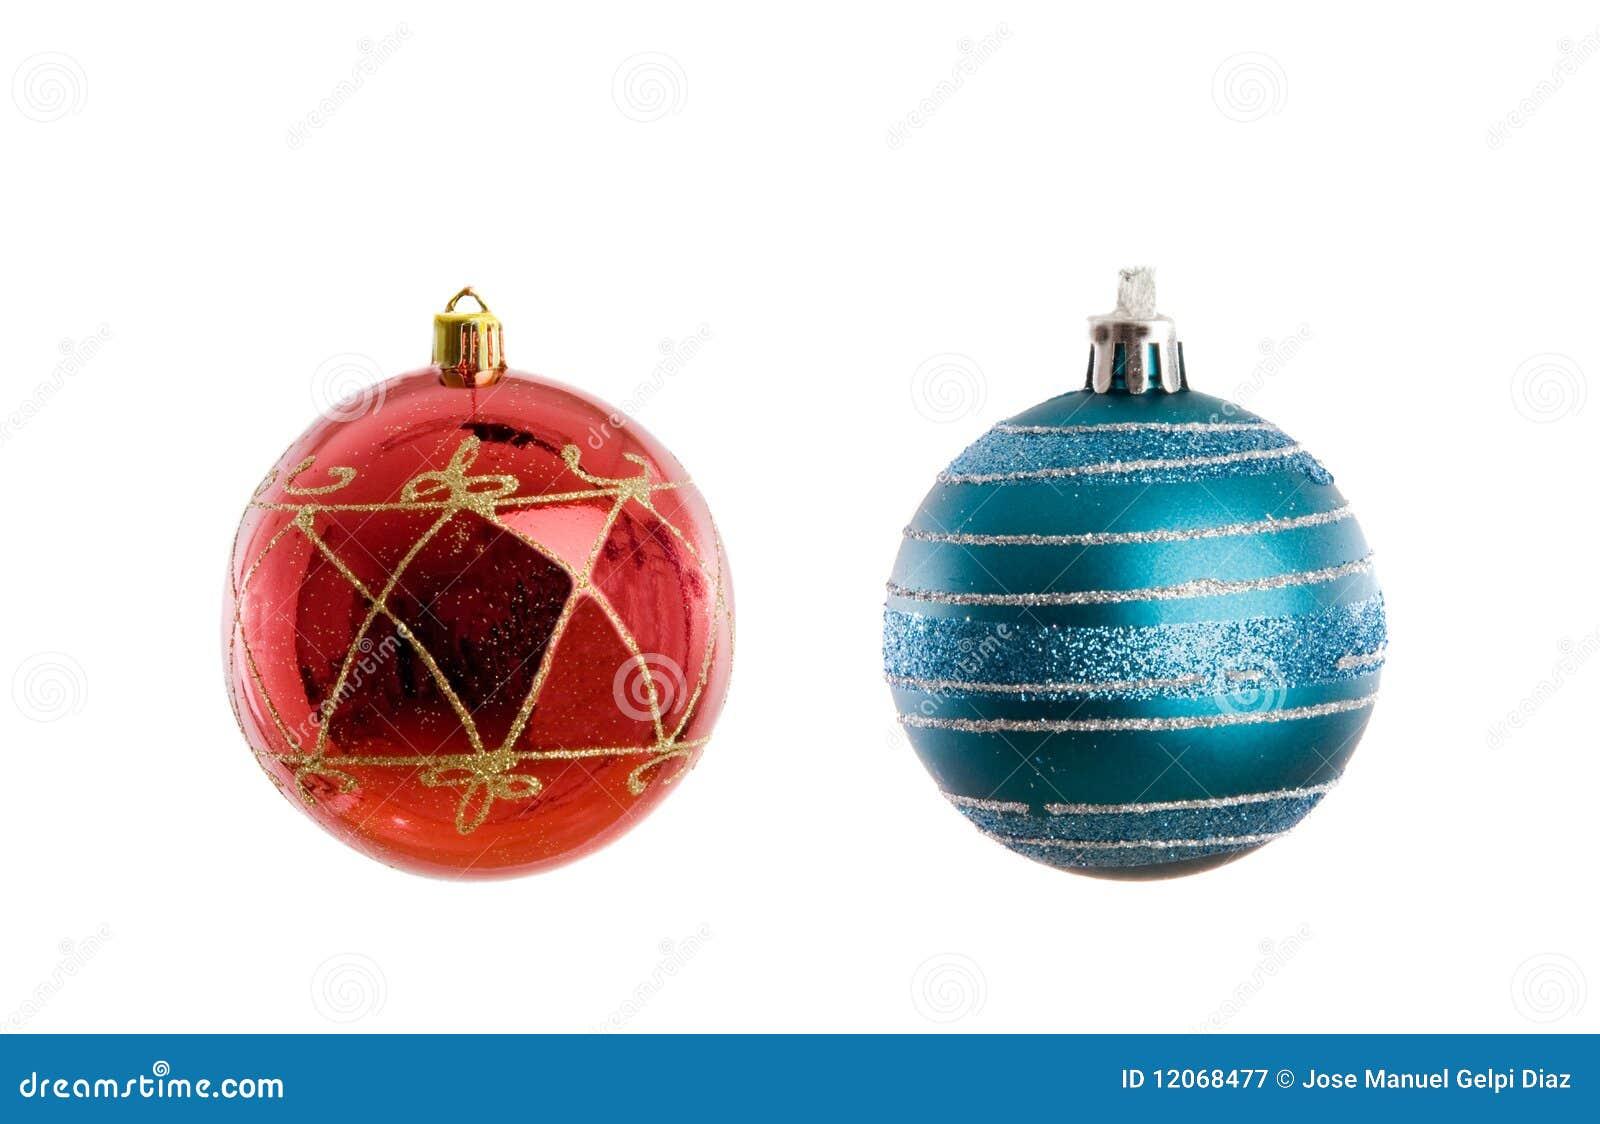 rote und blaue kugeln von weihnachten stockbild bild von. Black Bedroom Furniture Sets. Home Design Ideas